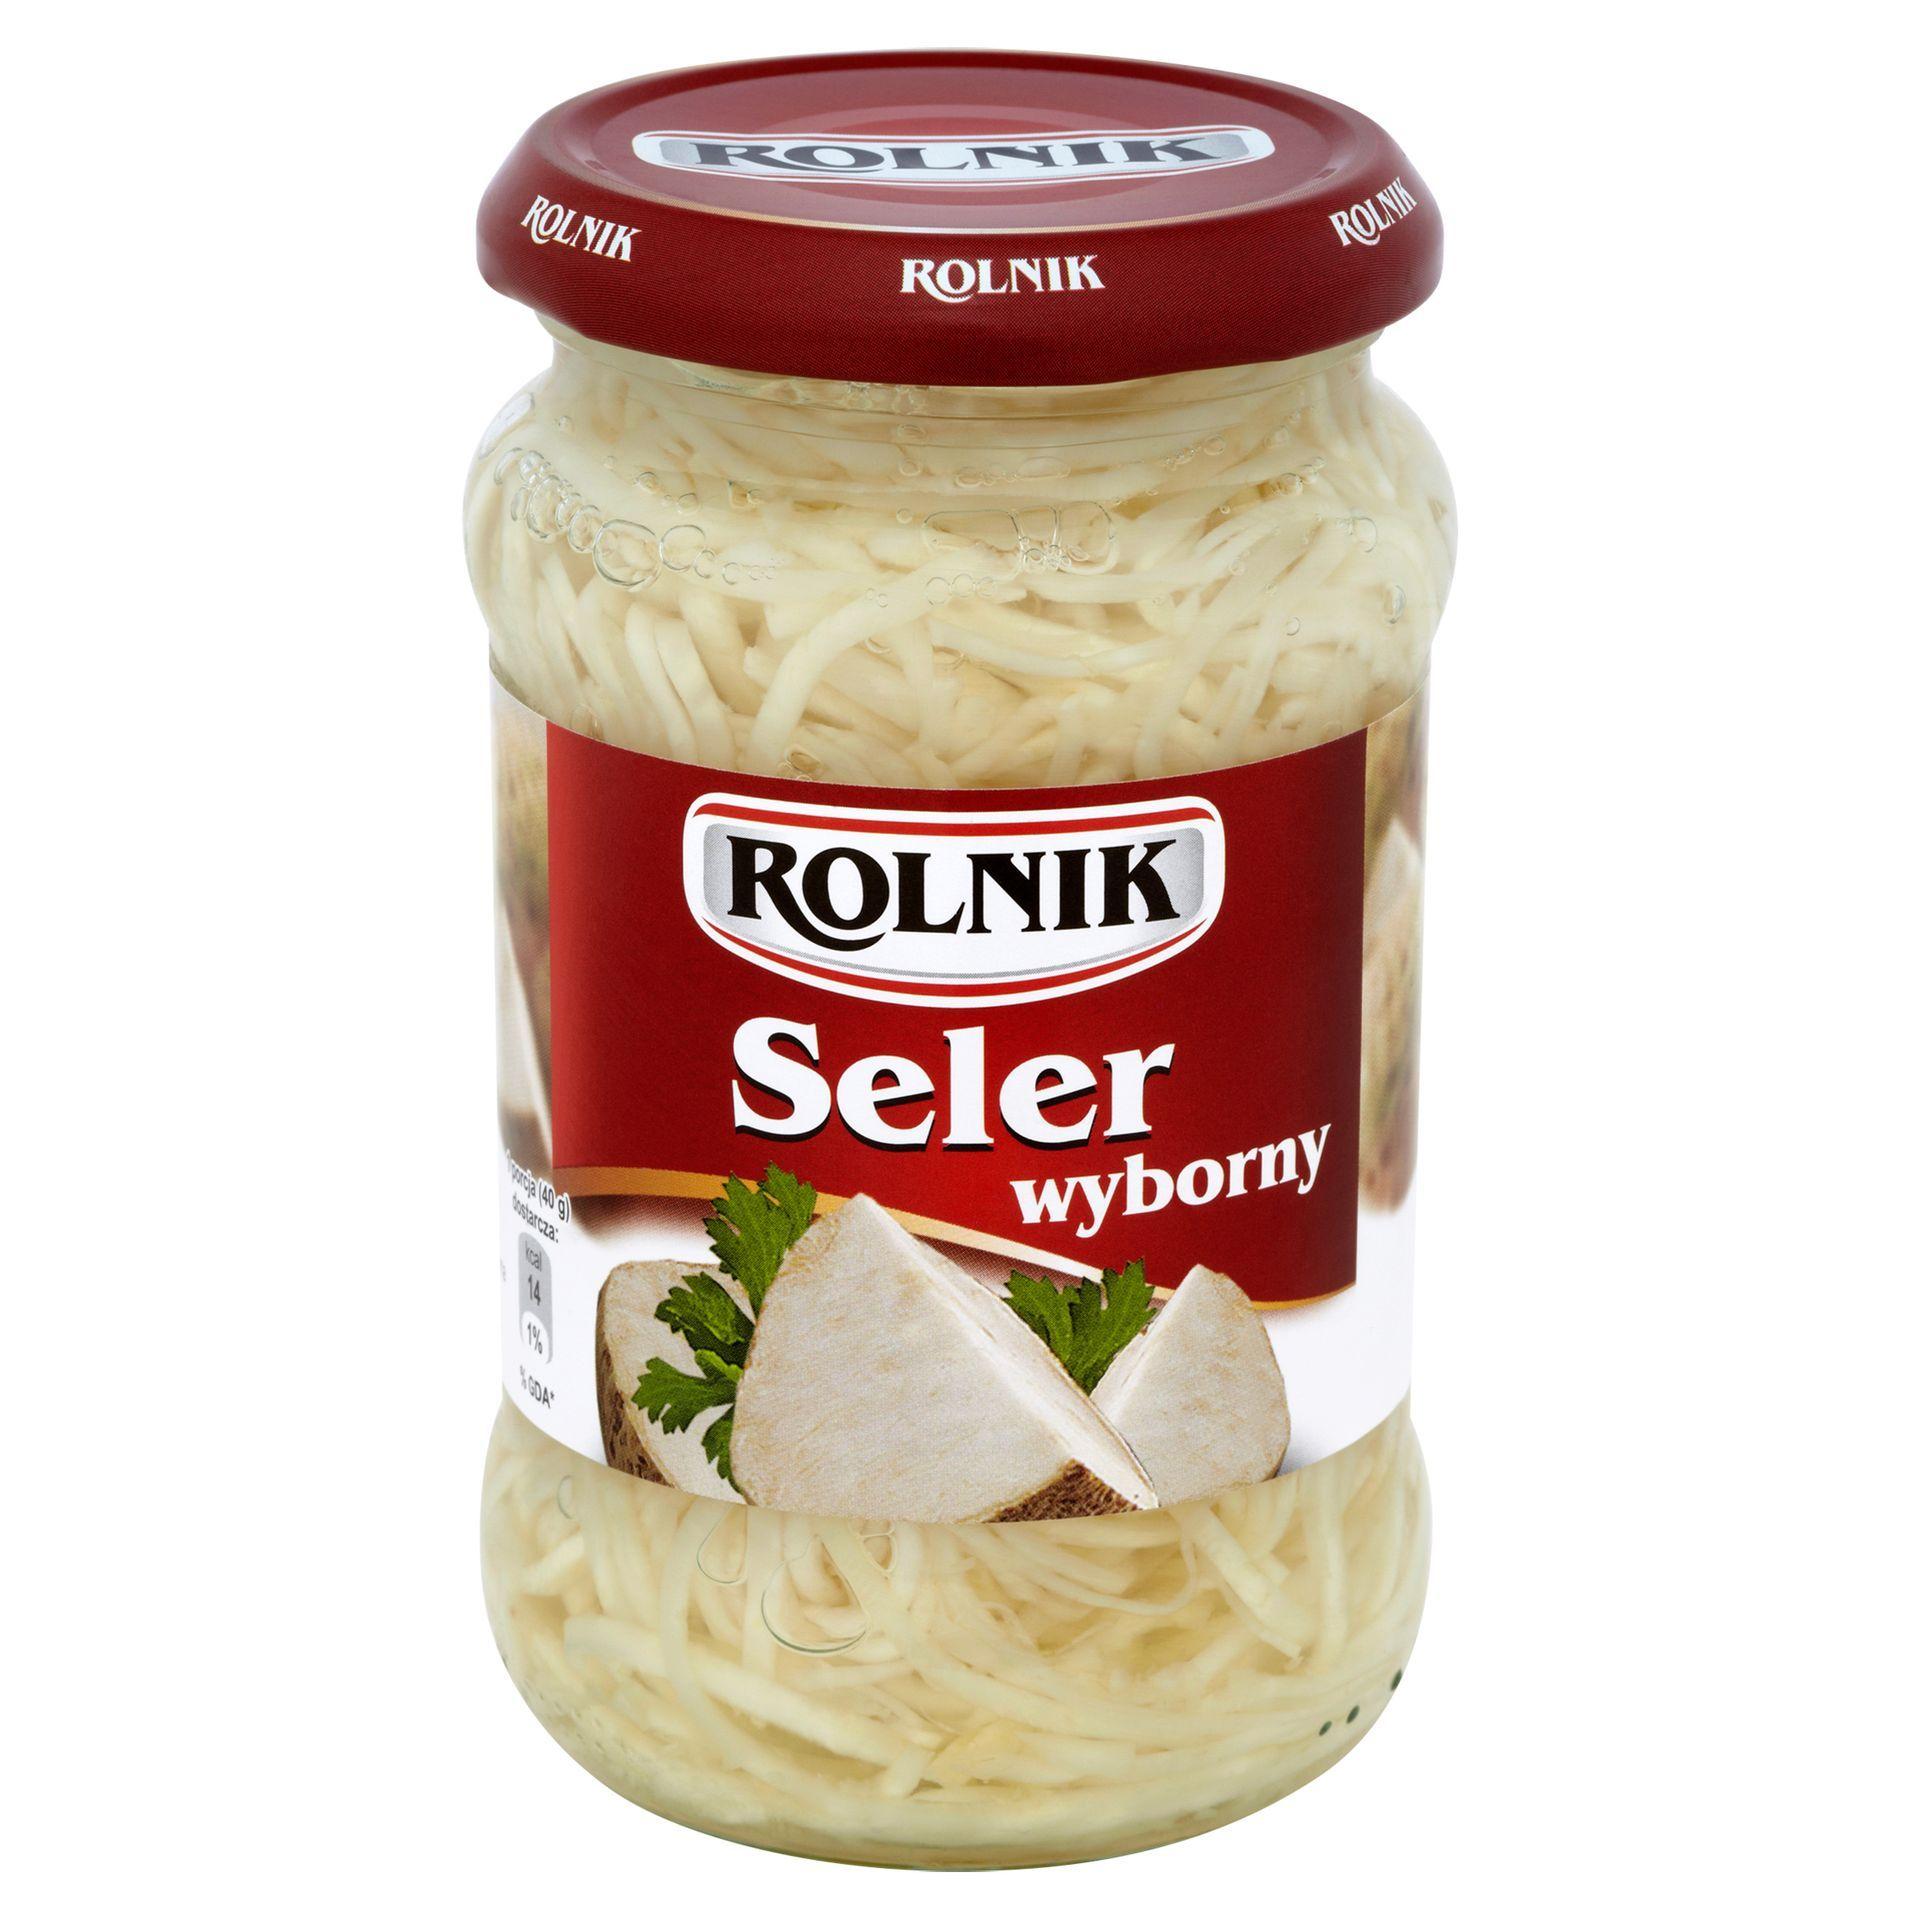 Seler Wyborny w zalewie 320g/370 ml, Rolnik, Selgros stacjonarnie od 25kwietnia